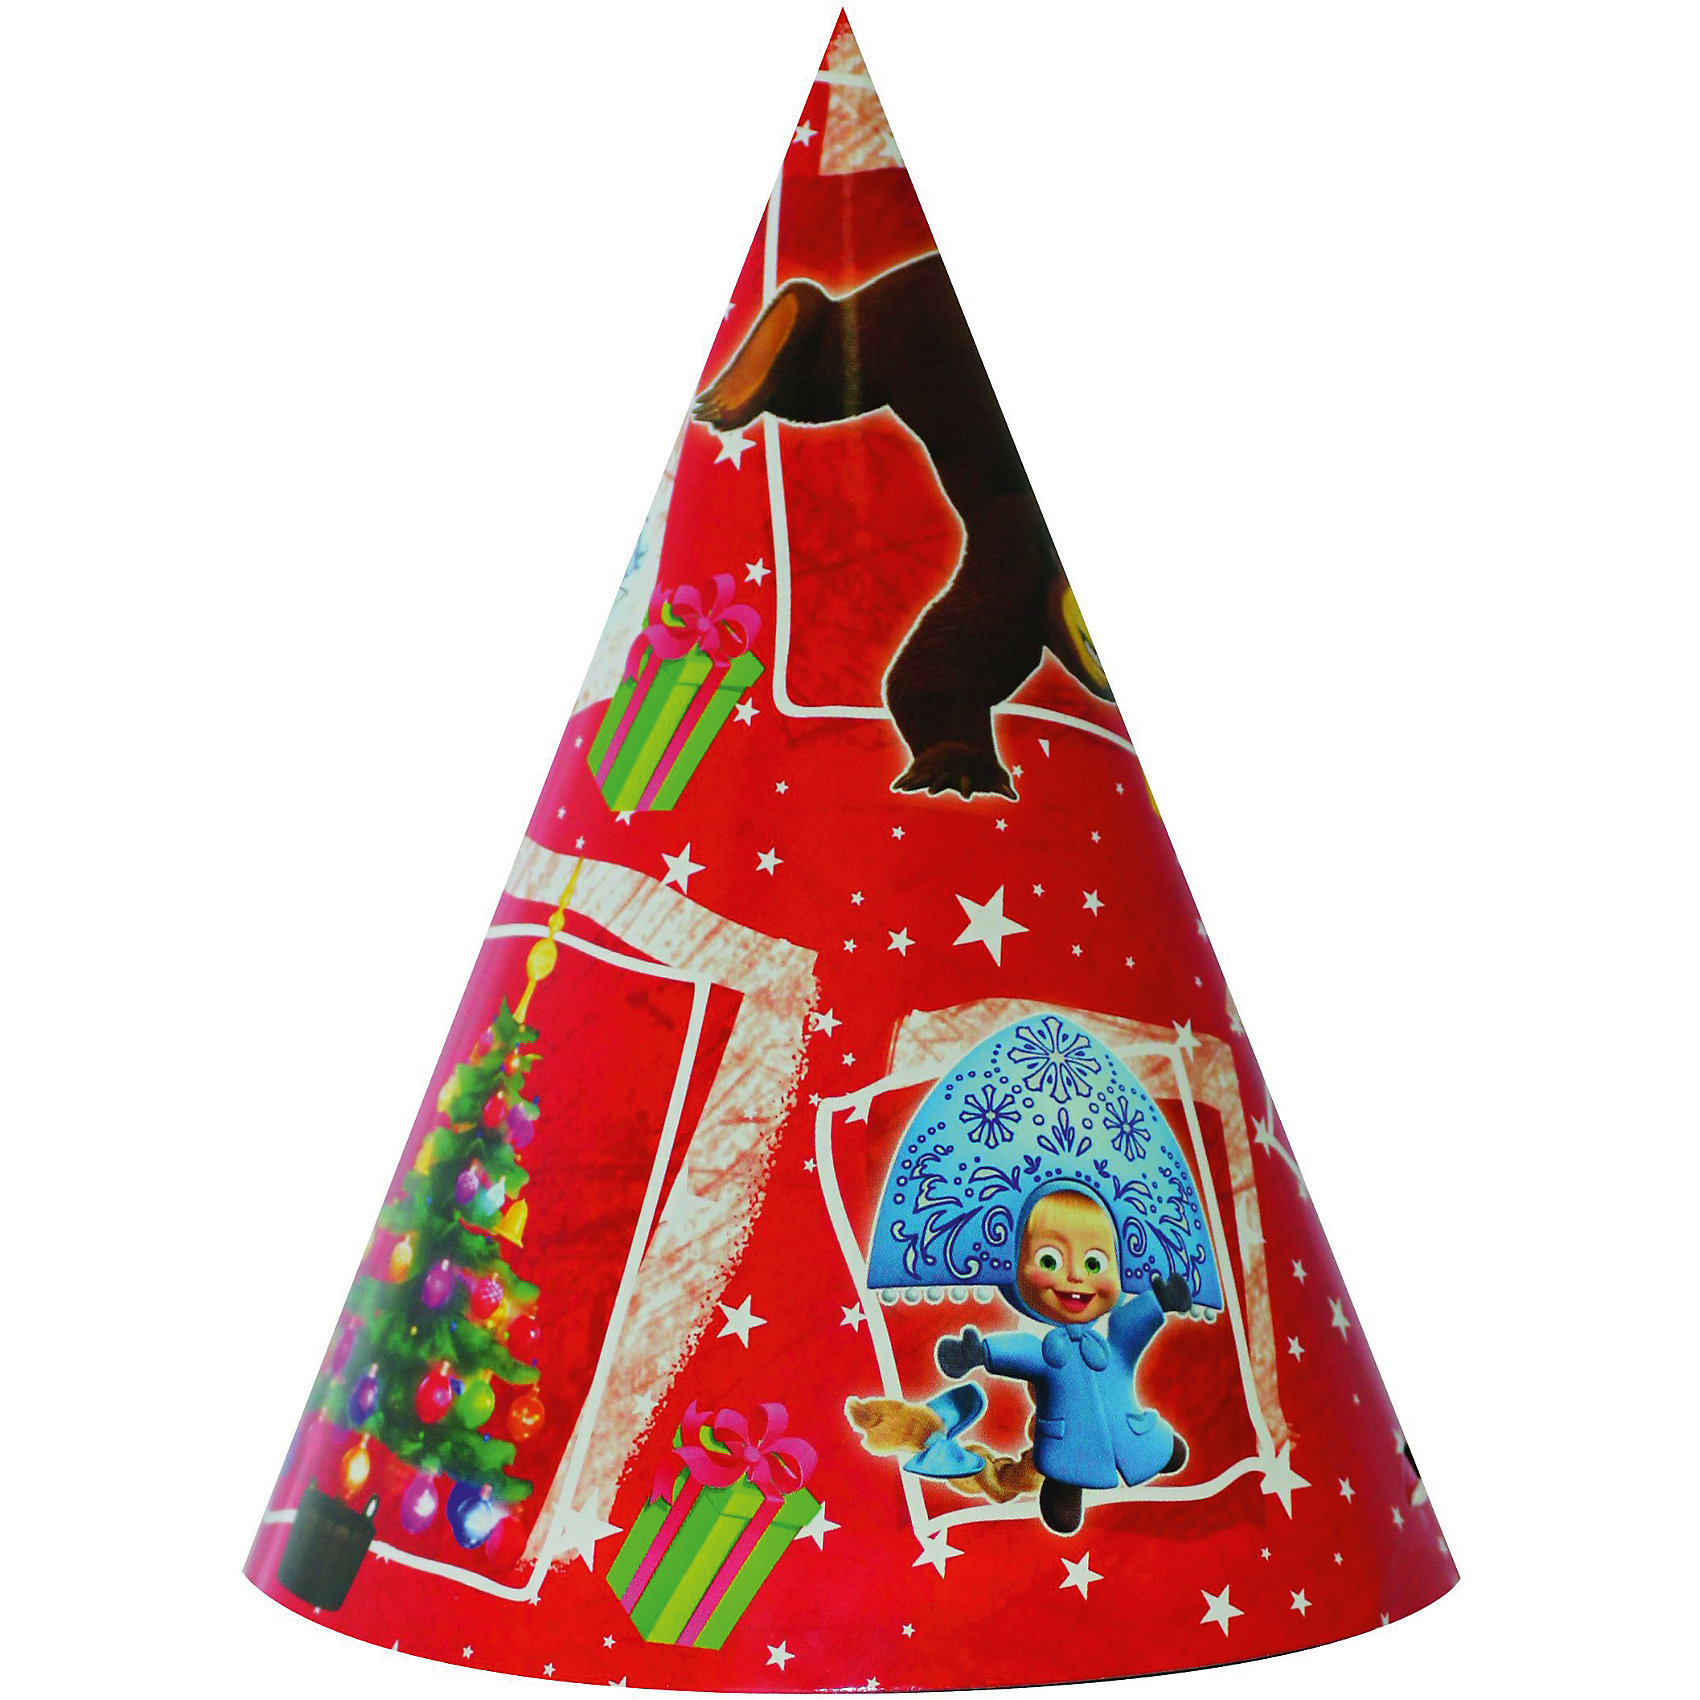 Колпак бумажный Новый год! 6 шт, Маша и медведьВсё для праздника<br>Любое детское торжество – это долгожданное событие для каждого ребенка. Это веселье, танцы, задорный смех малышей и много-много счастья.  И великолепным дополнением к празднику  станут бумажные колпачки, которые могут лечь в основу многочисленных игр и забав.&#13;<br>В набор НОВЫЙ ГОД! входит 6 бумажных колпаков. В каждом наборе 2 дизайна, как на фотографии. Также из данной серии вы можете выбрать бумажные стаканы, тарелки, язычки, дудочки и полиэтиленовую скатерть. Товар сертифицирован.  Упаковка - пакет с хедером.<br><br>Ширина мм: 100<br>Глубина мм: 100<br>Высота мм: 165<br>Вес г: 72<br>Возраст от месяцев: 36<br>Возраст до месяцев: 120<br>Пол: Унисекс<br>Возраст: Детский<br>SKU: 5016497